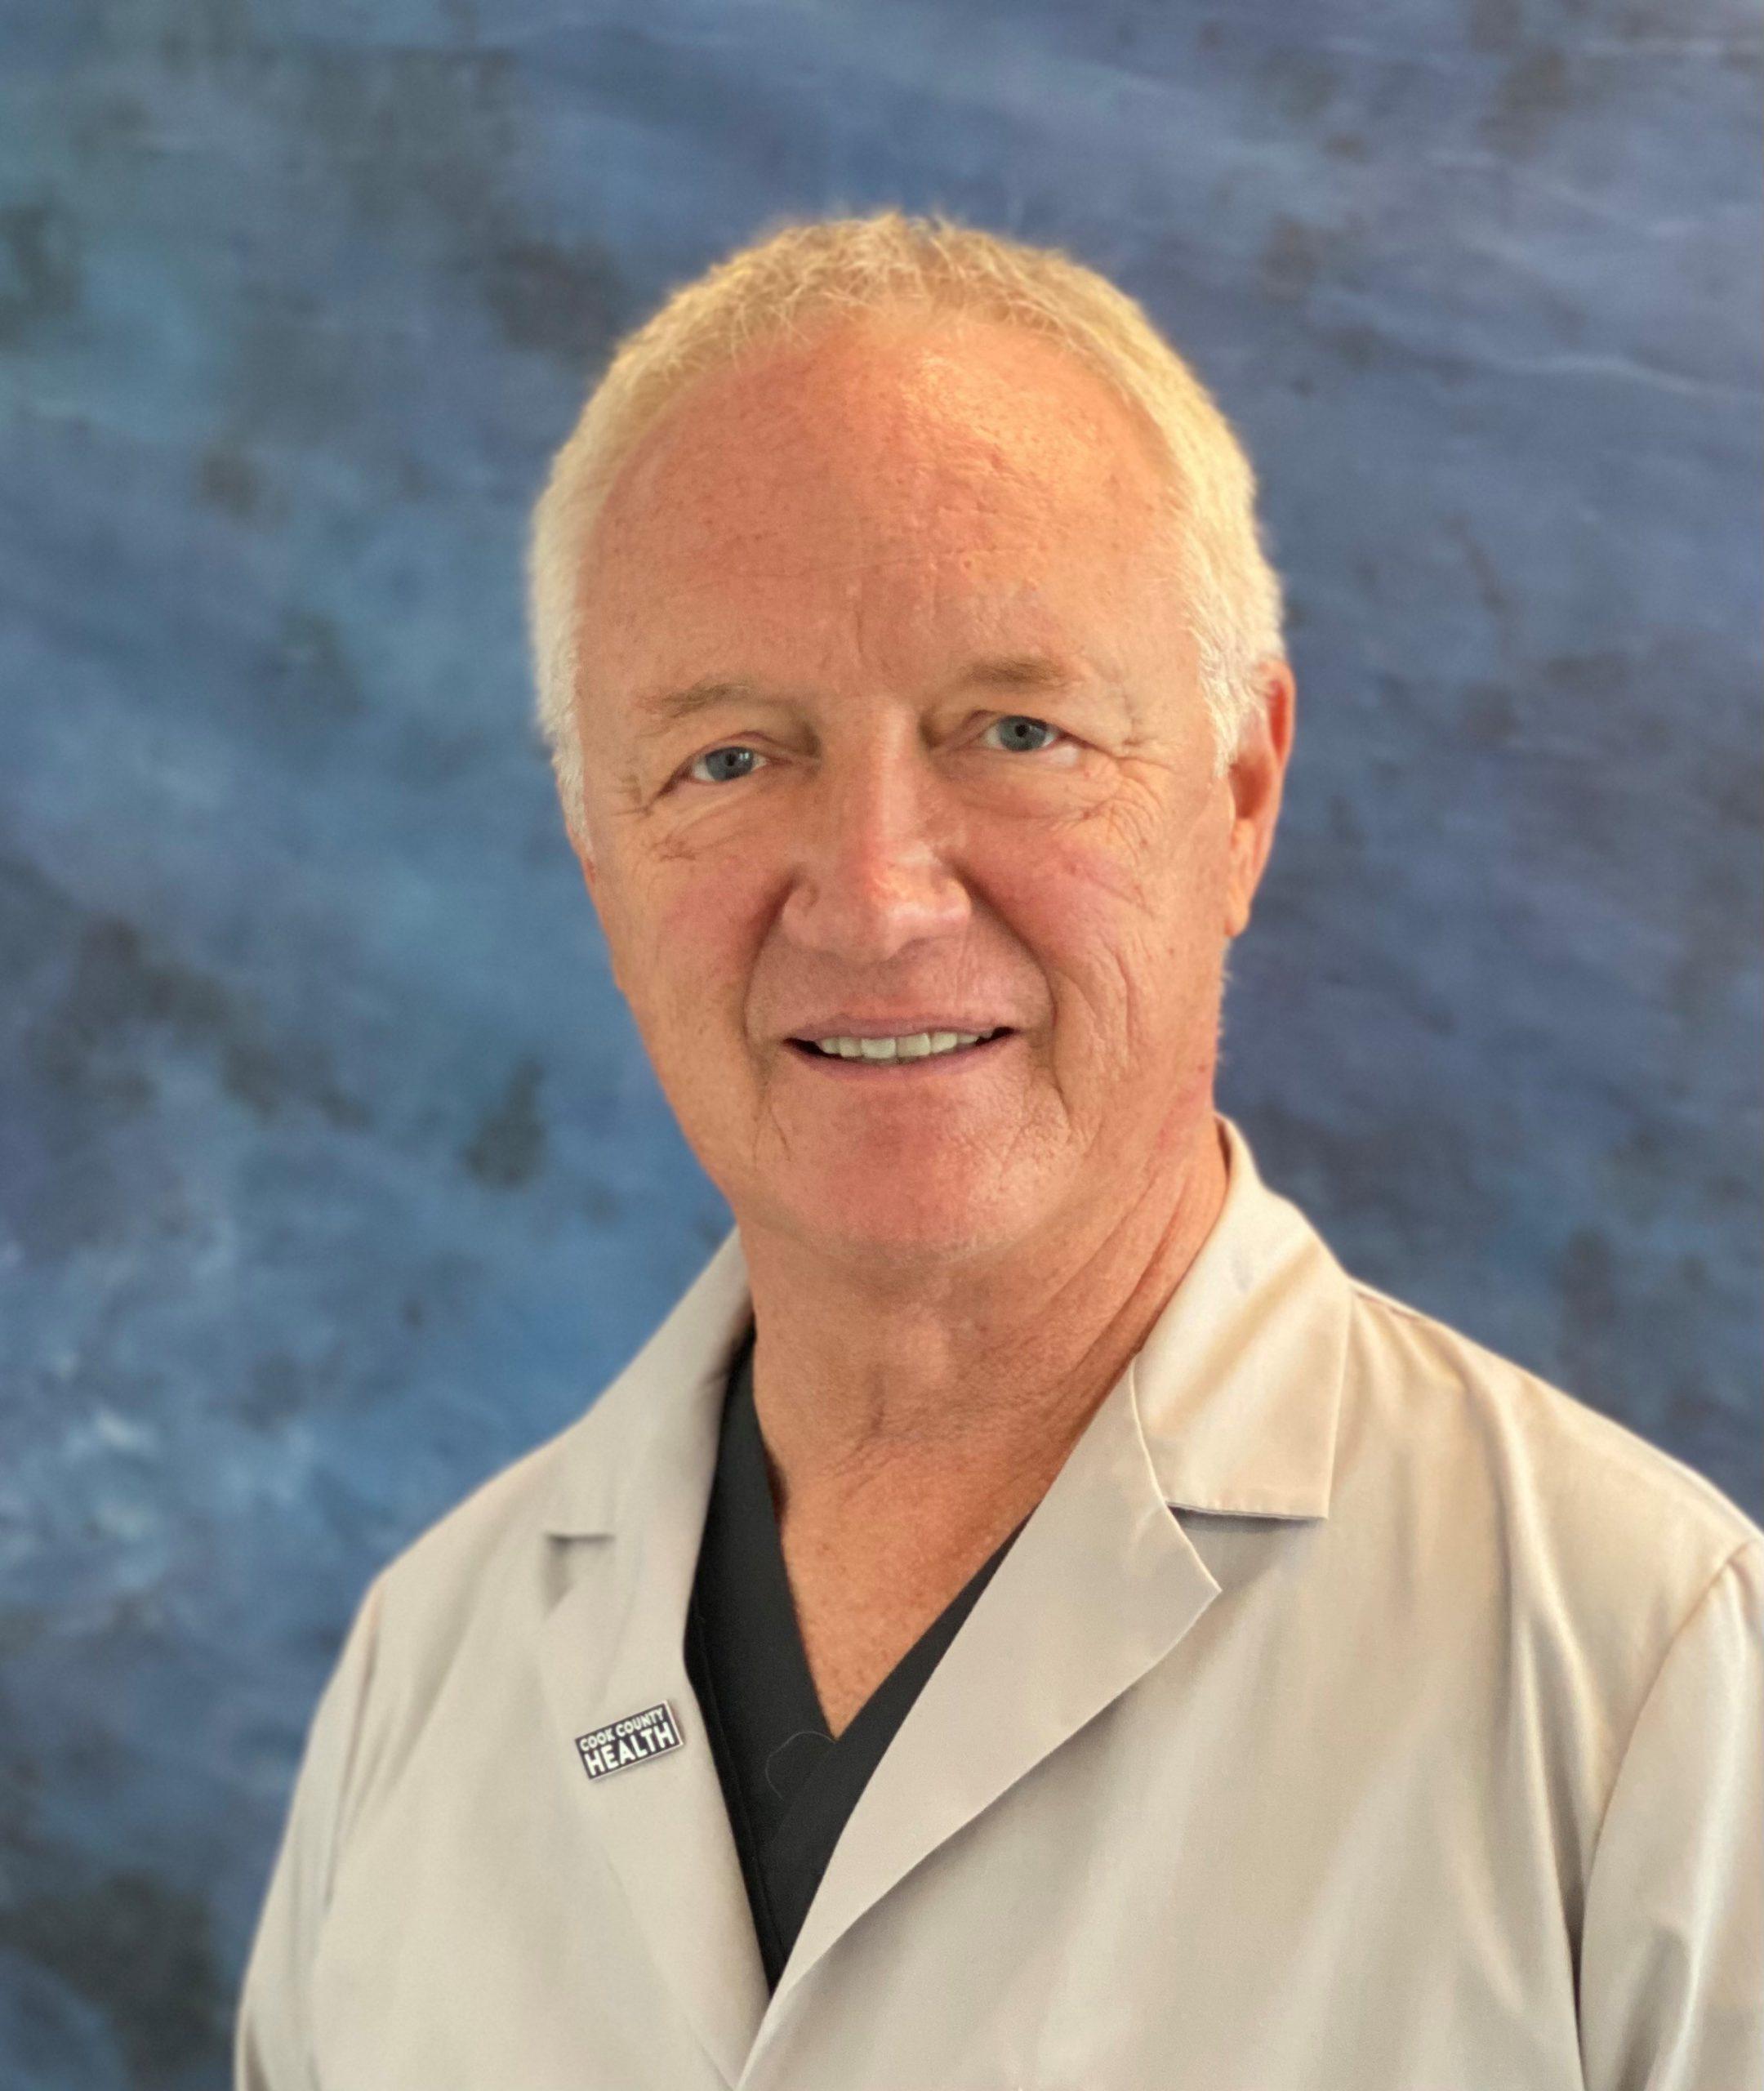 Norbert Becker, MD